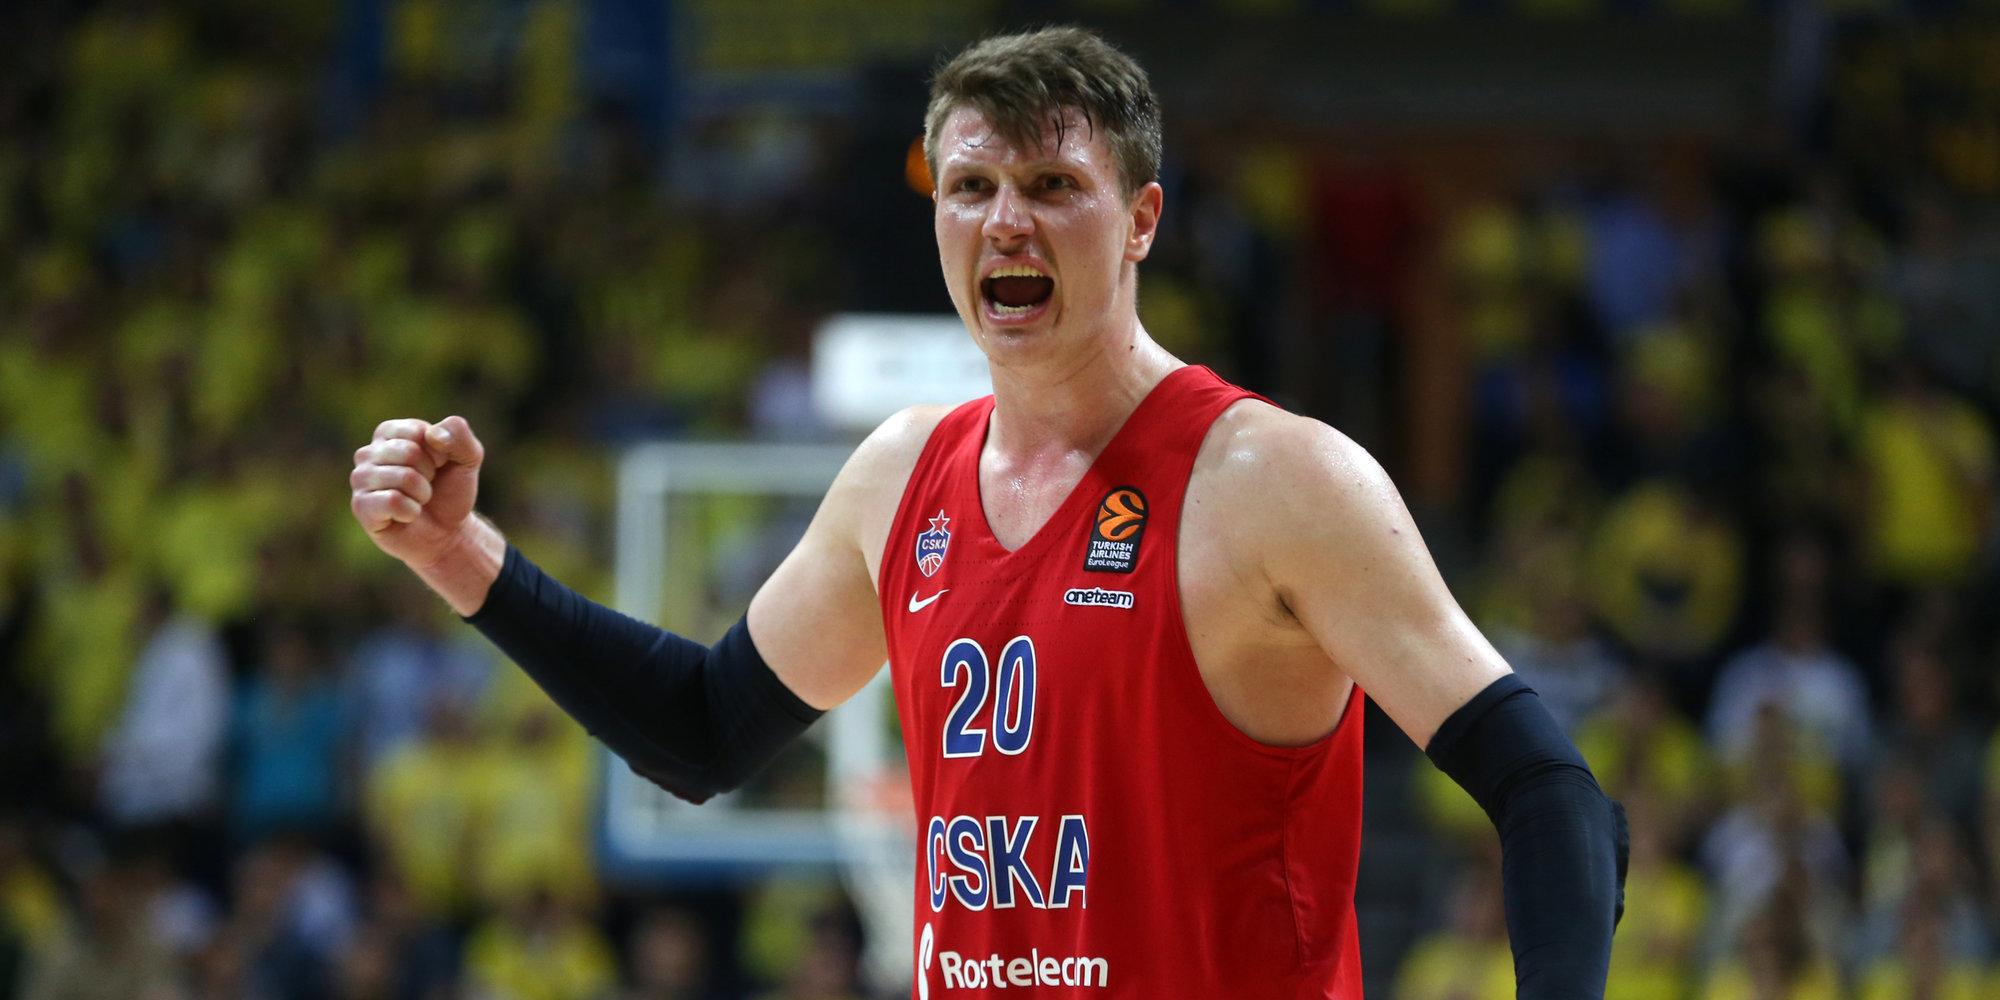 Андрей Воронцевич: «Станем ли чемпионами после третьего матча? Трудно прогнозировать — «Химки» никогда не сдаются»